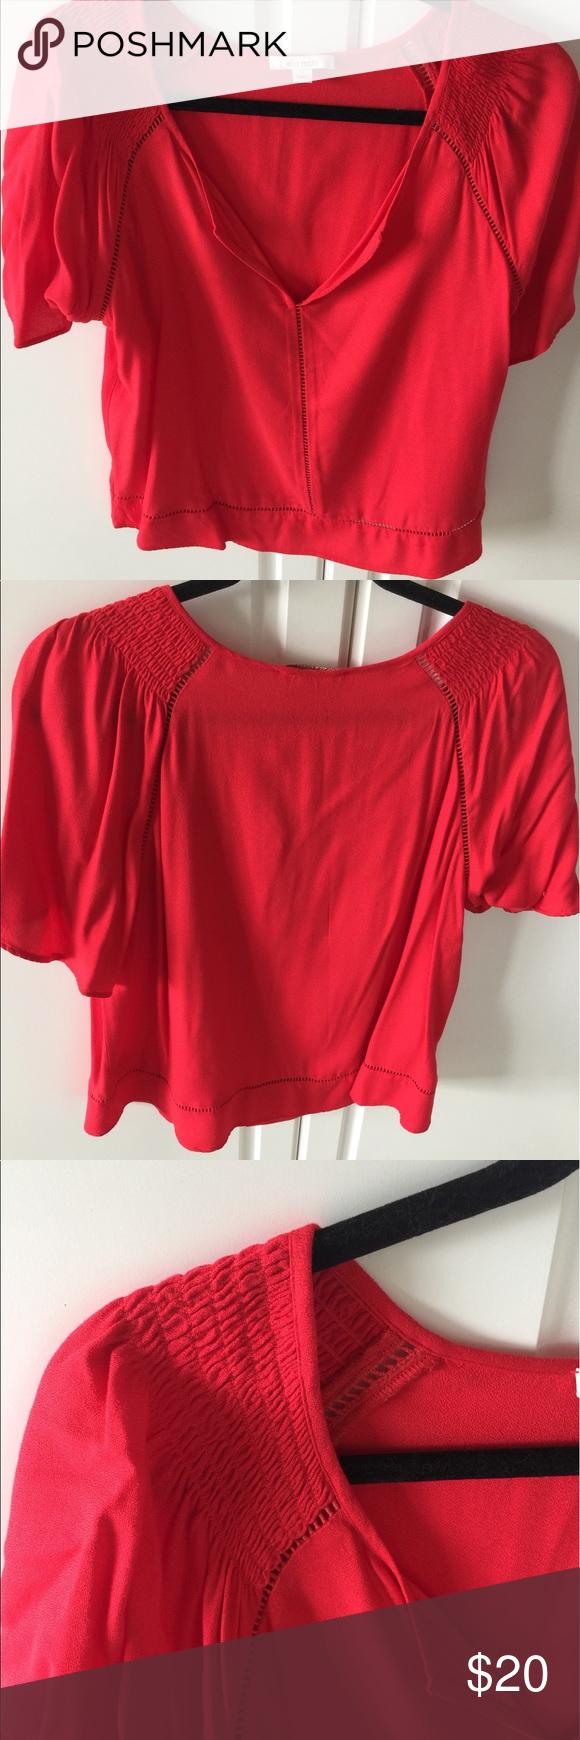 Ella Moss size small Ella Moss color poppy size small blouse 100% rayonne Ella Moss Tops Blouses